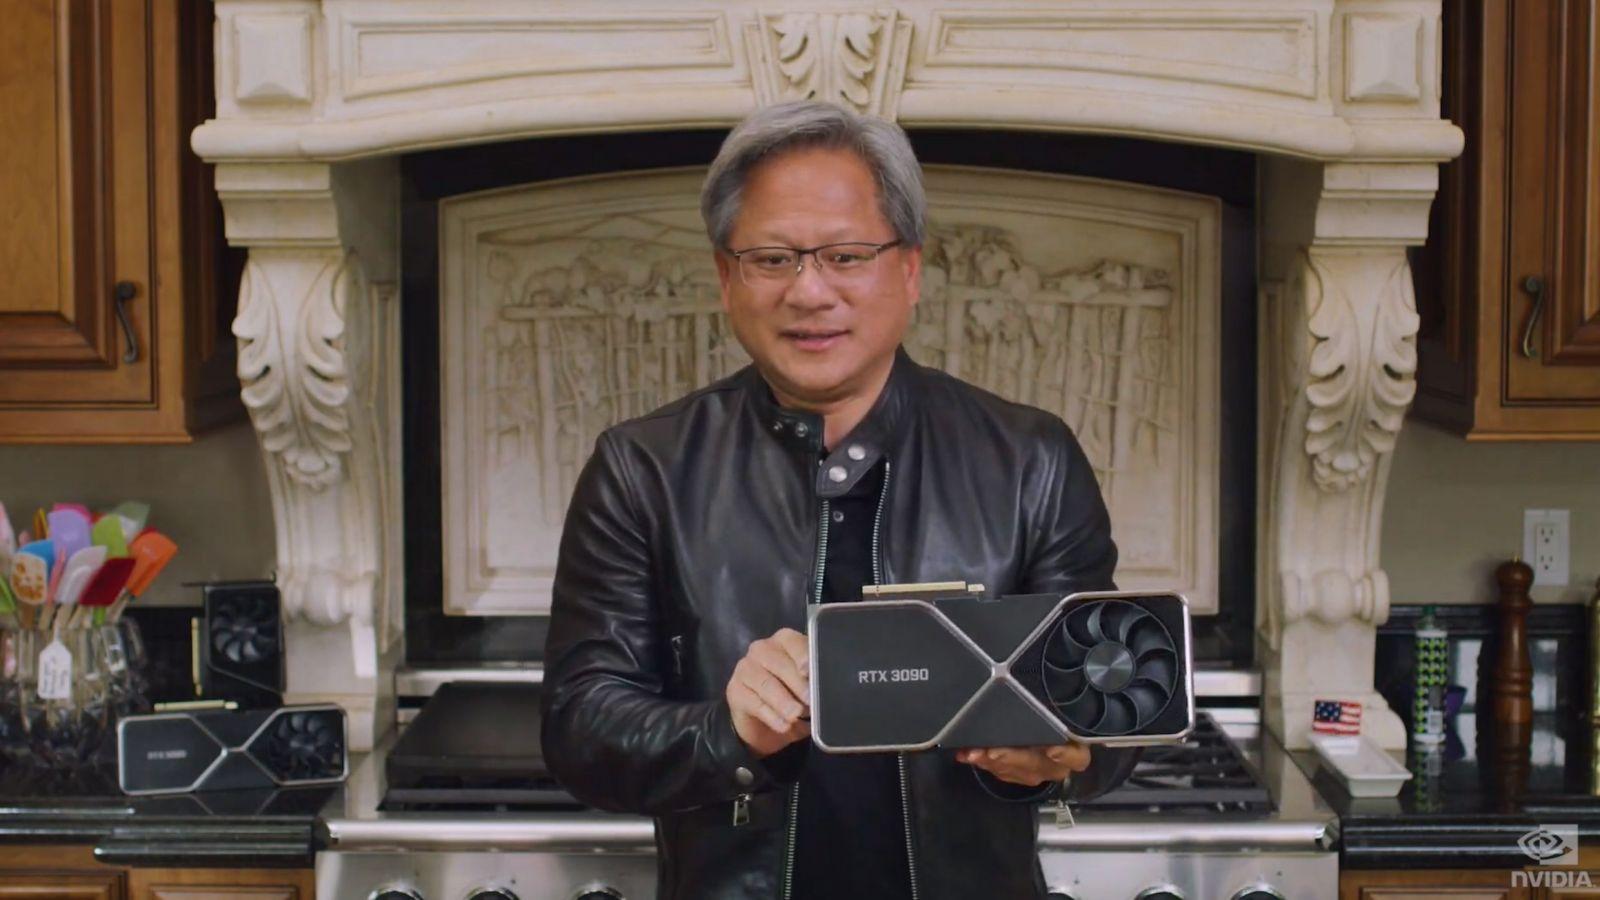 Prečo sú nové Nvidia RTX 3000 útokom na PlayStation 5 a Xbox Series X